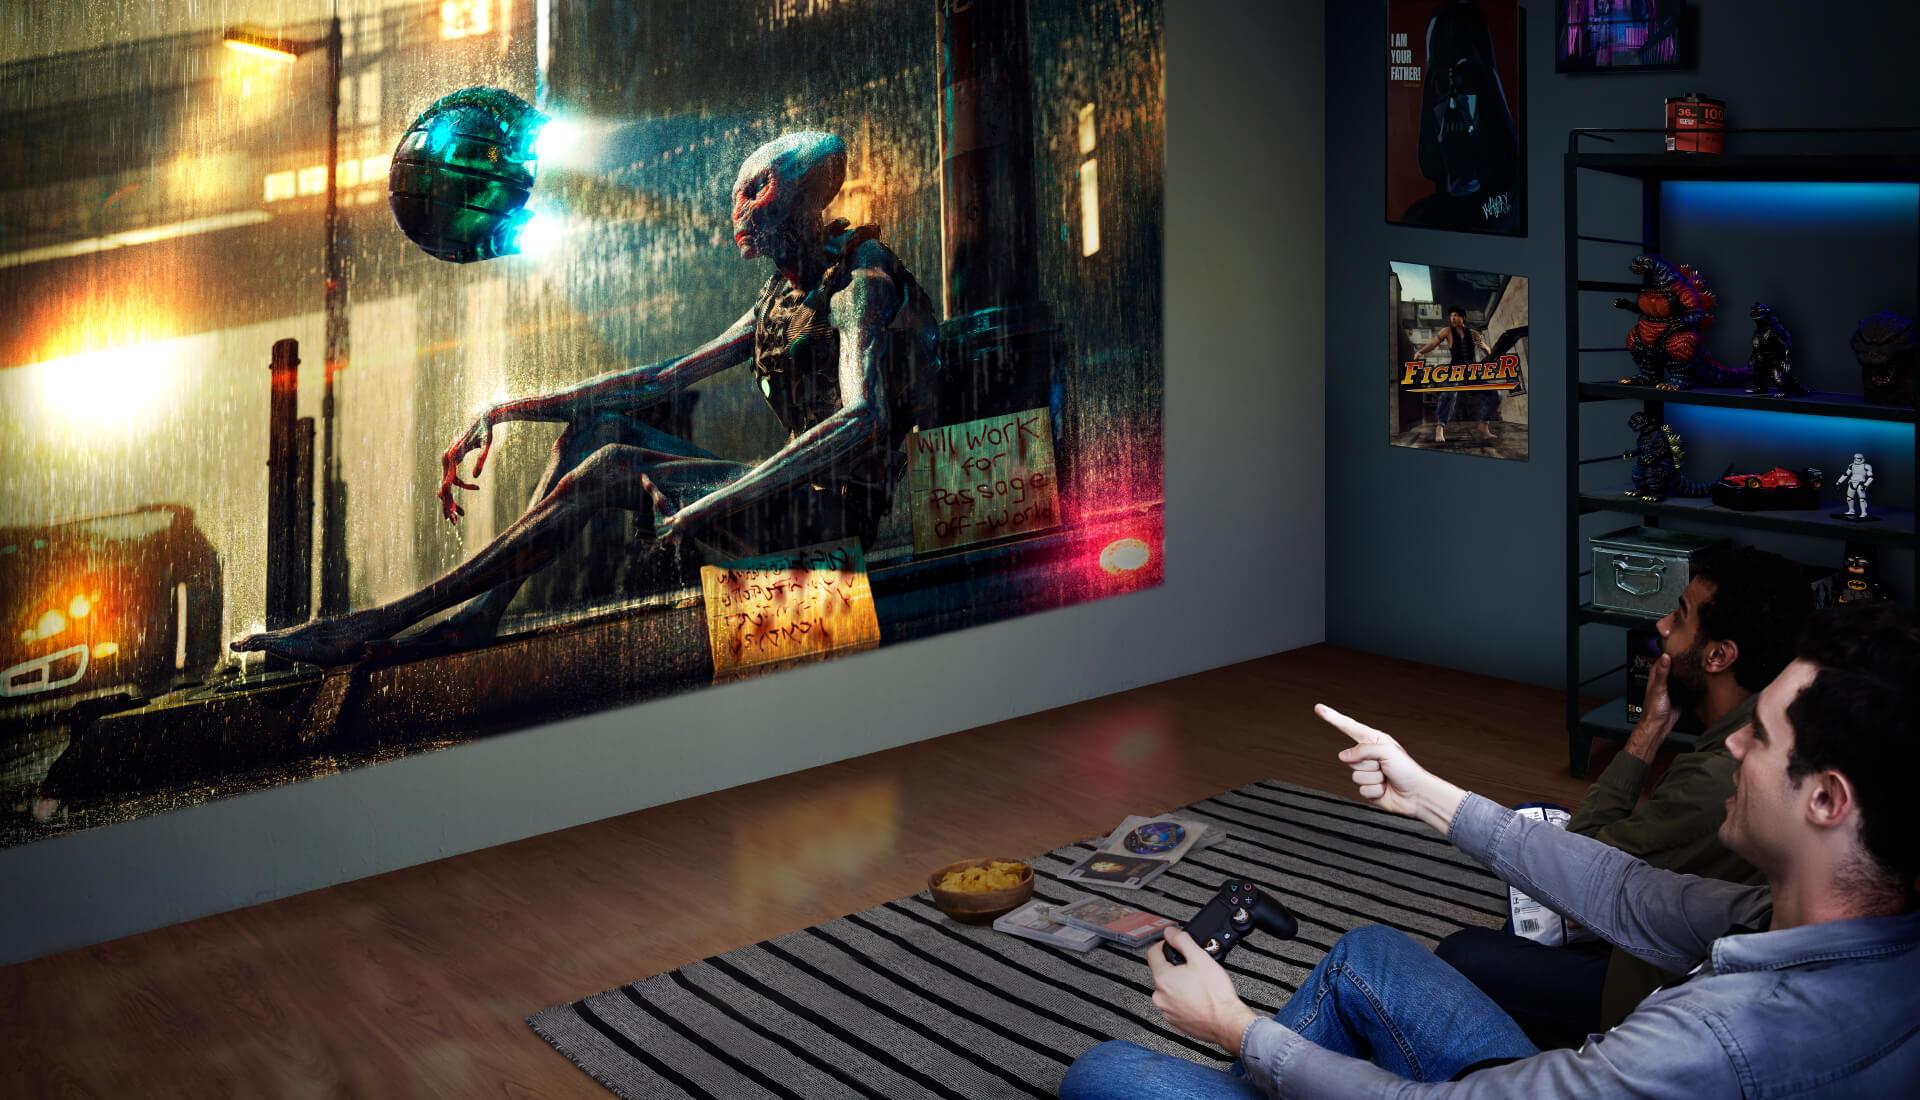 شركة BenQ تطلق جهاز العرض الجديد للألعاب TK700STi 4K بدقة عرض 4K